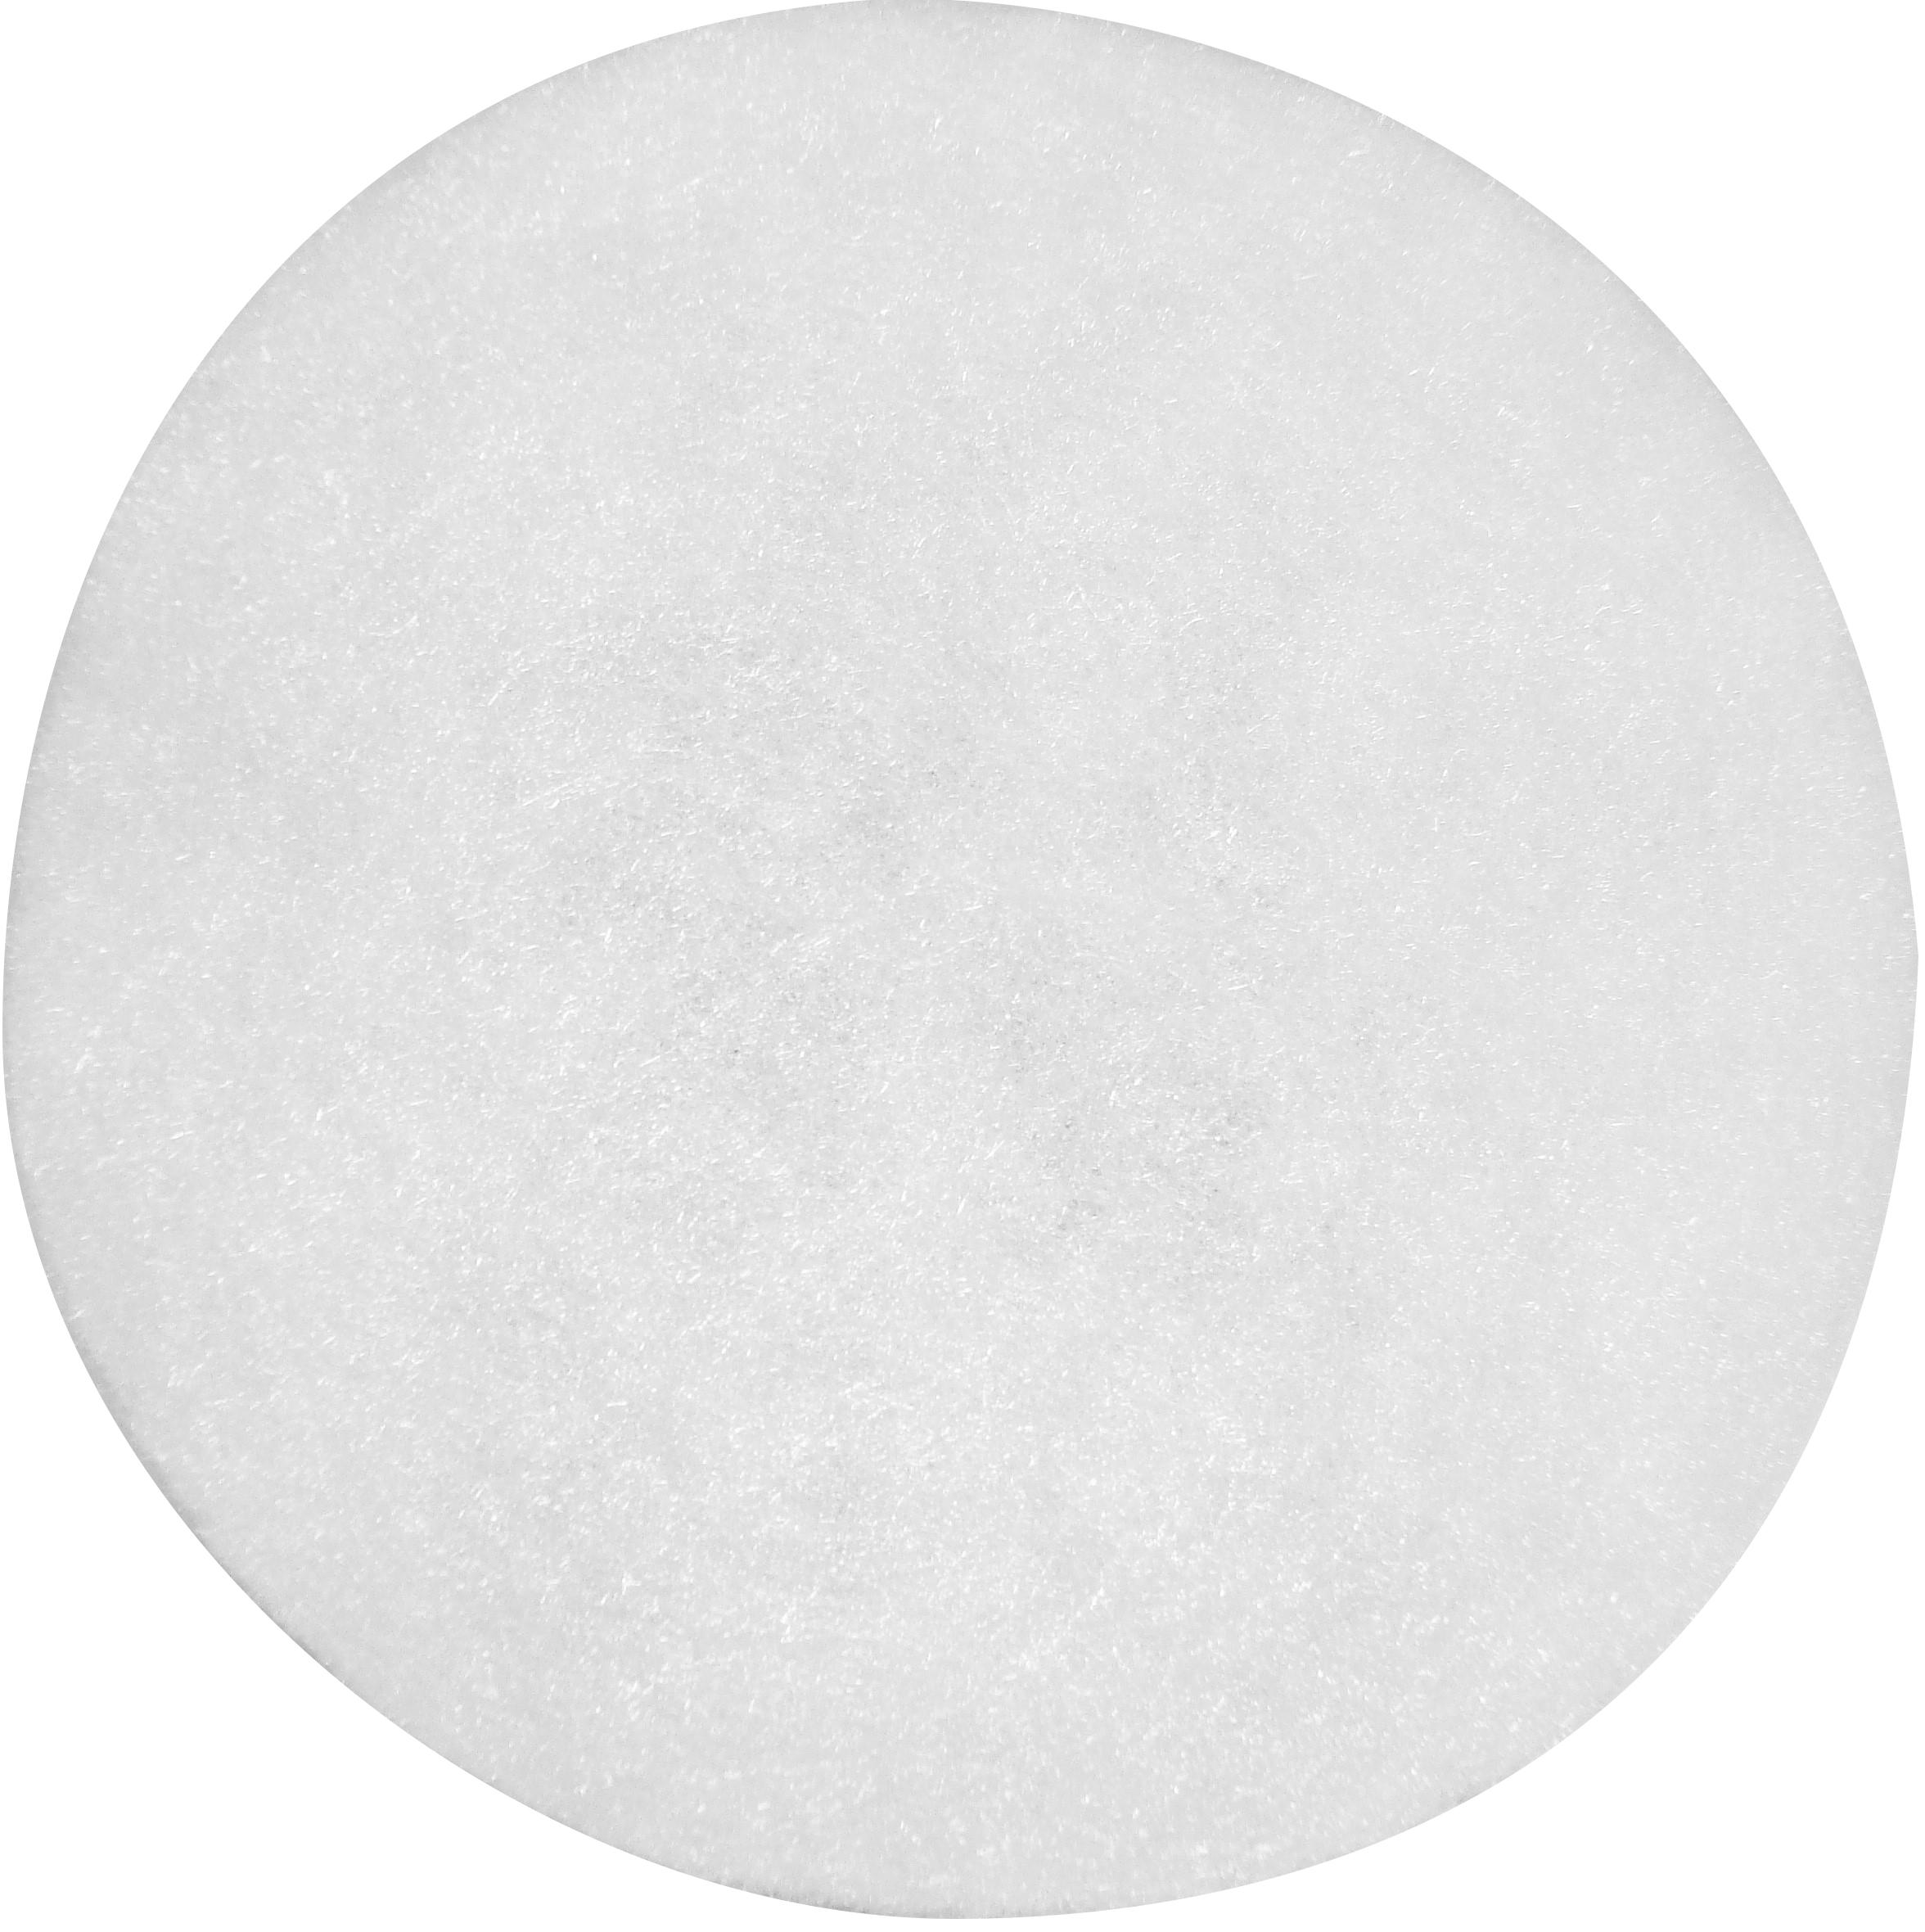 Grobstaub-Filter Poli-PC | 20 Stück